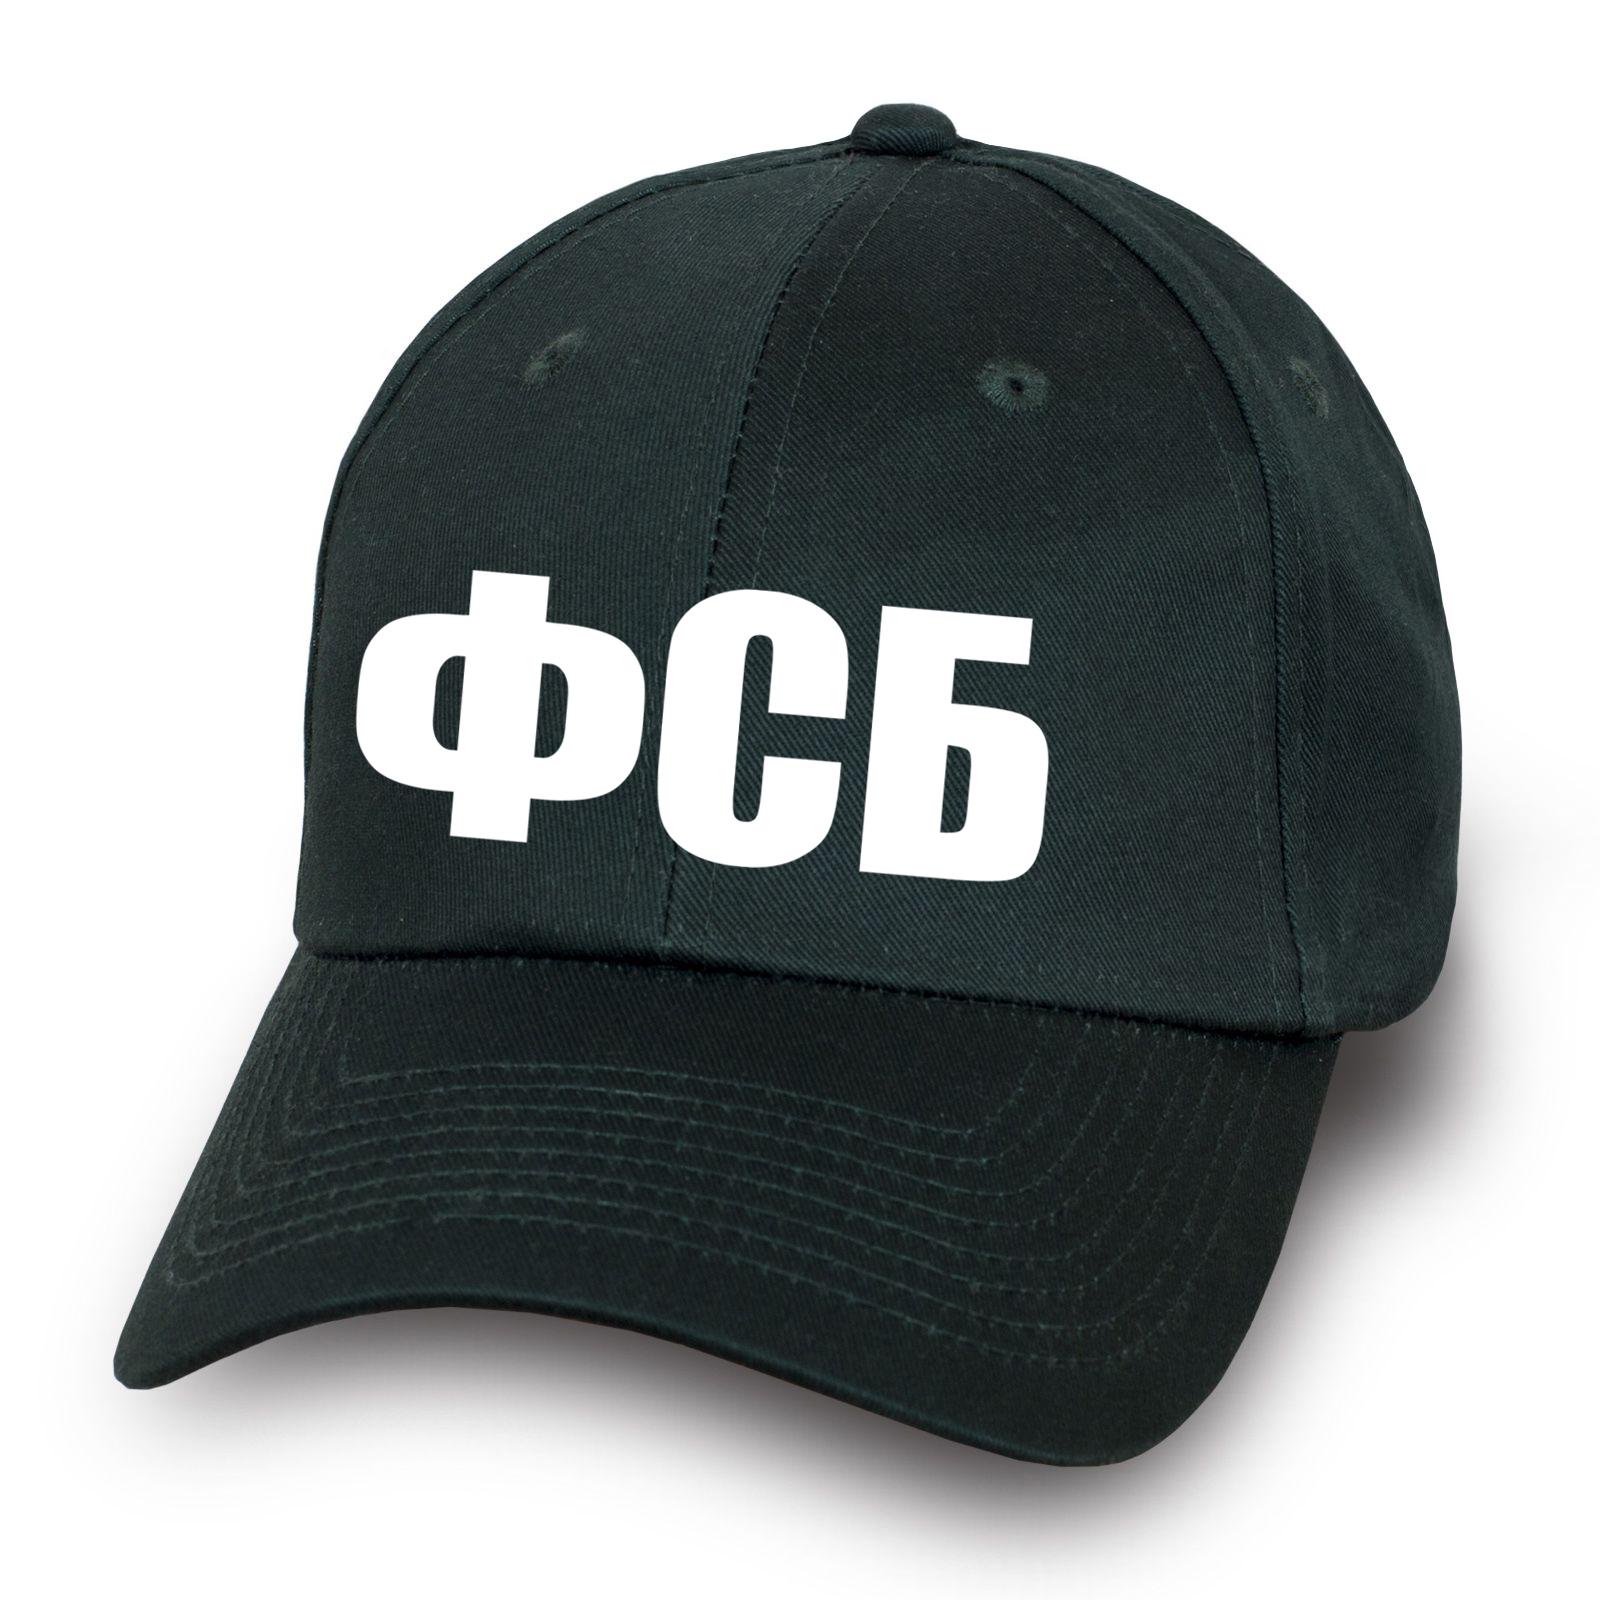 Бейсболка с надписью ФСБ